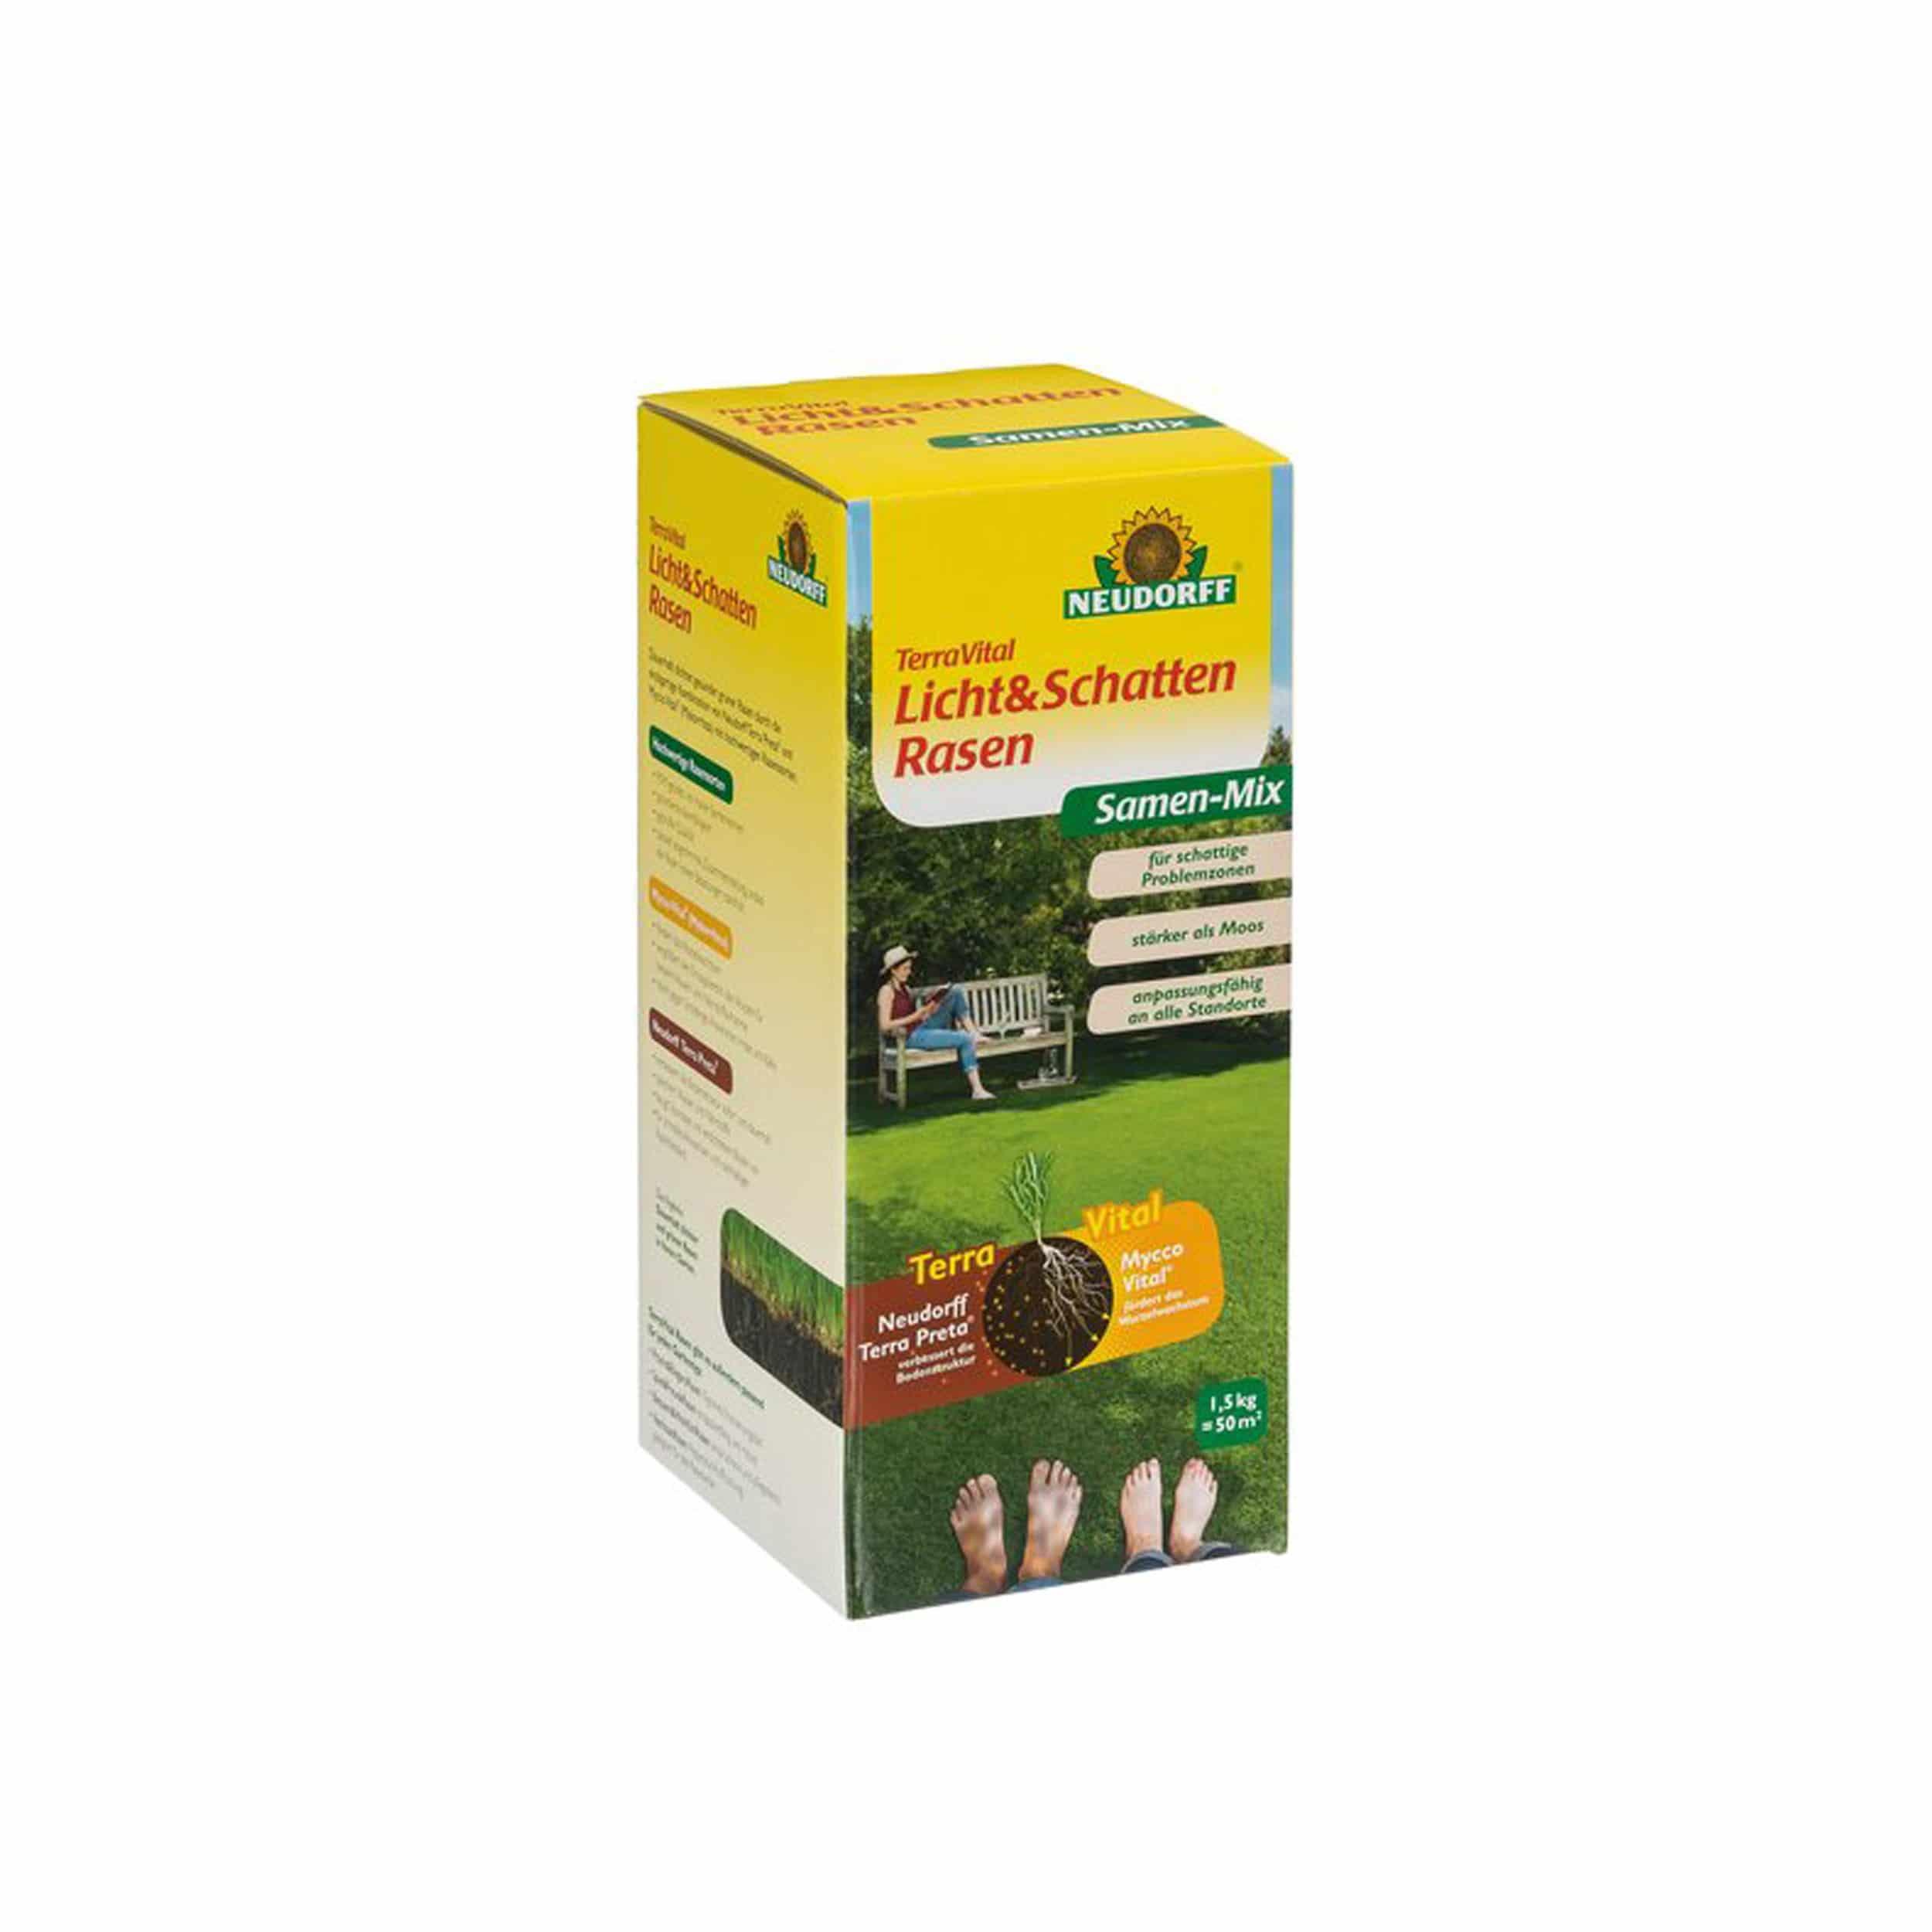 TerraVital Licht&SchattenRasen Samen-Mix 1,5 kg